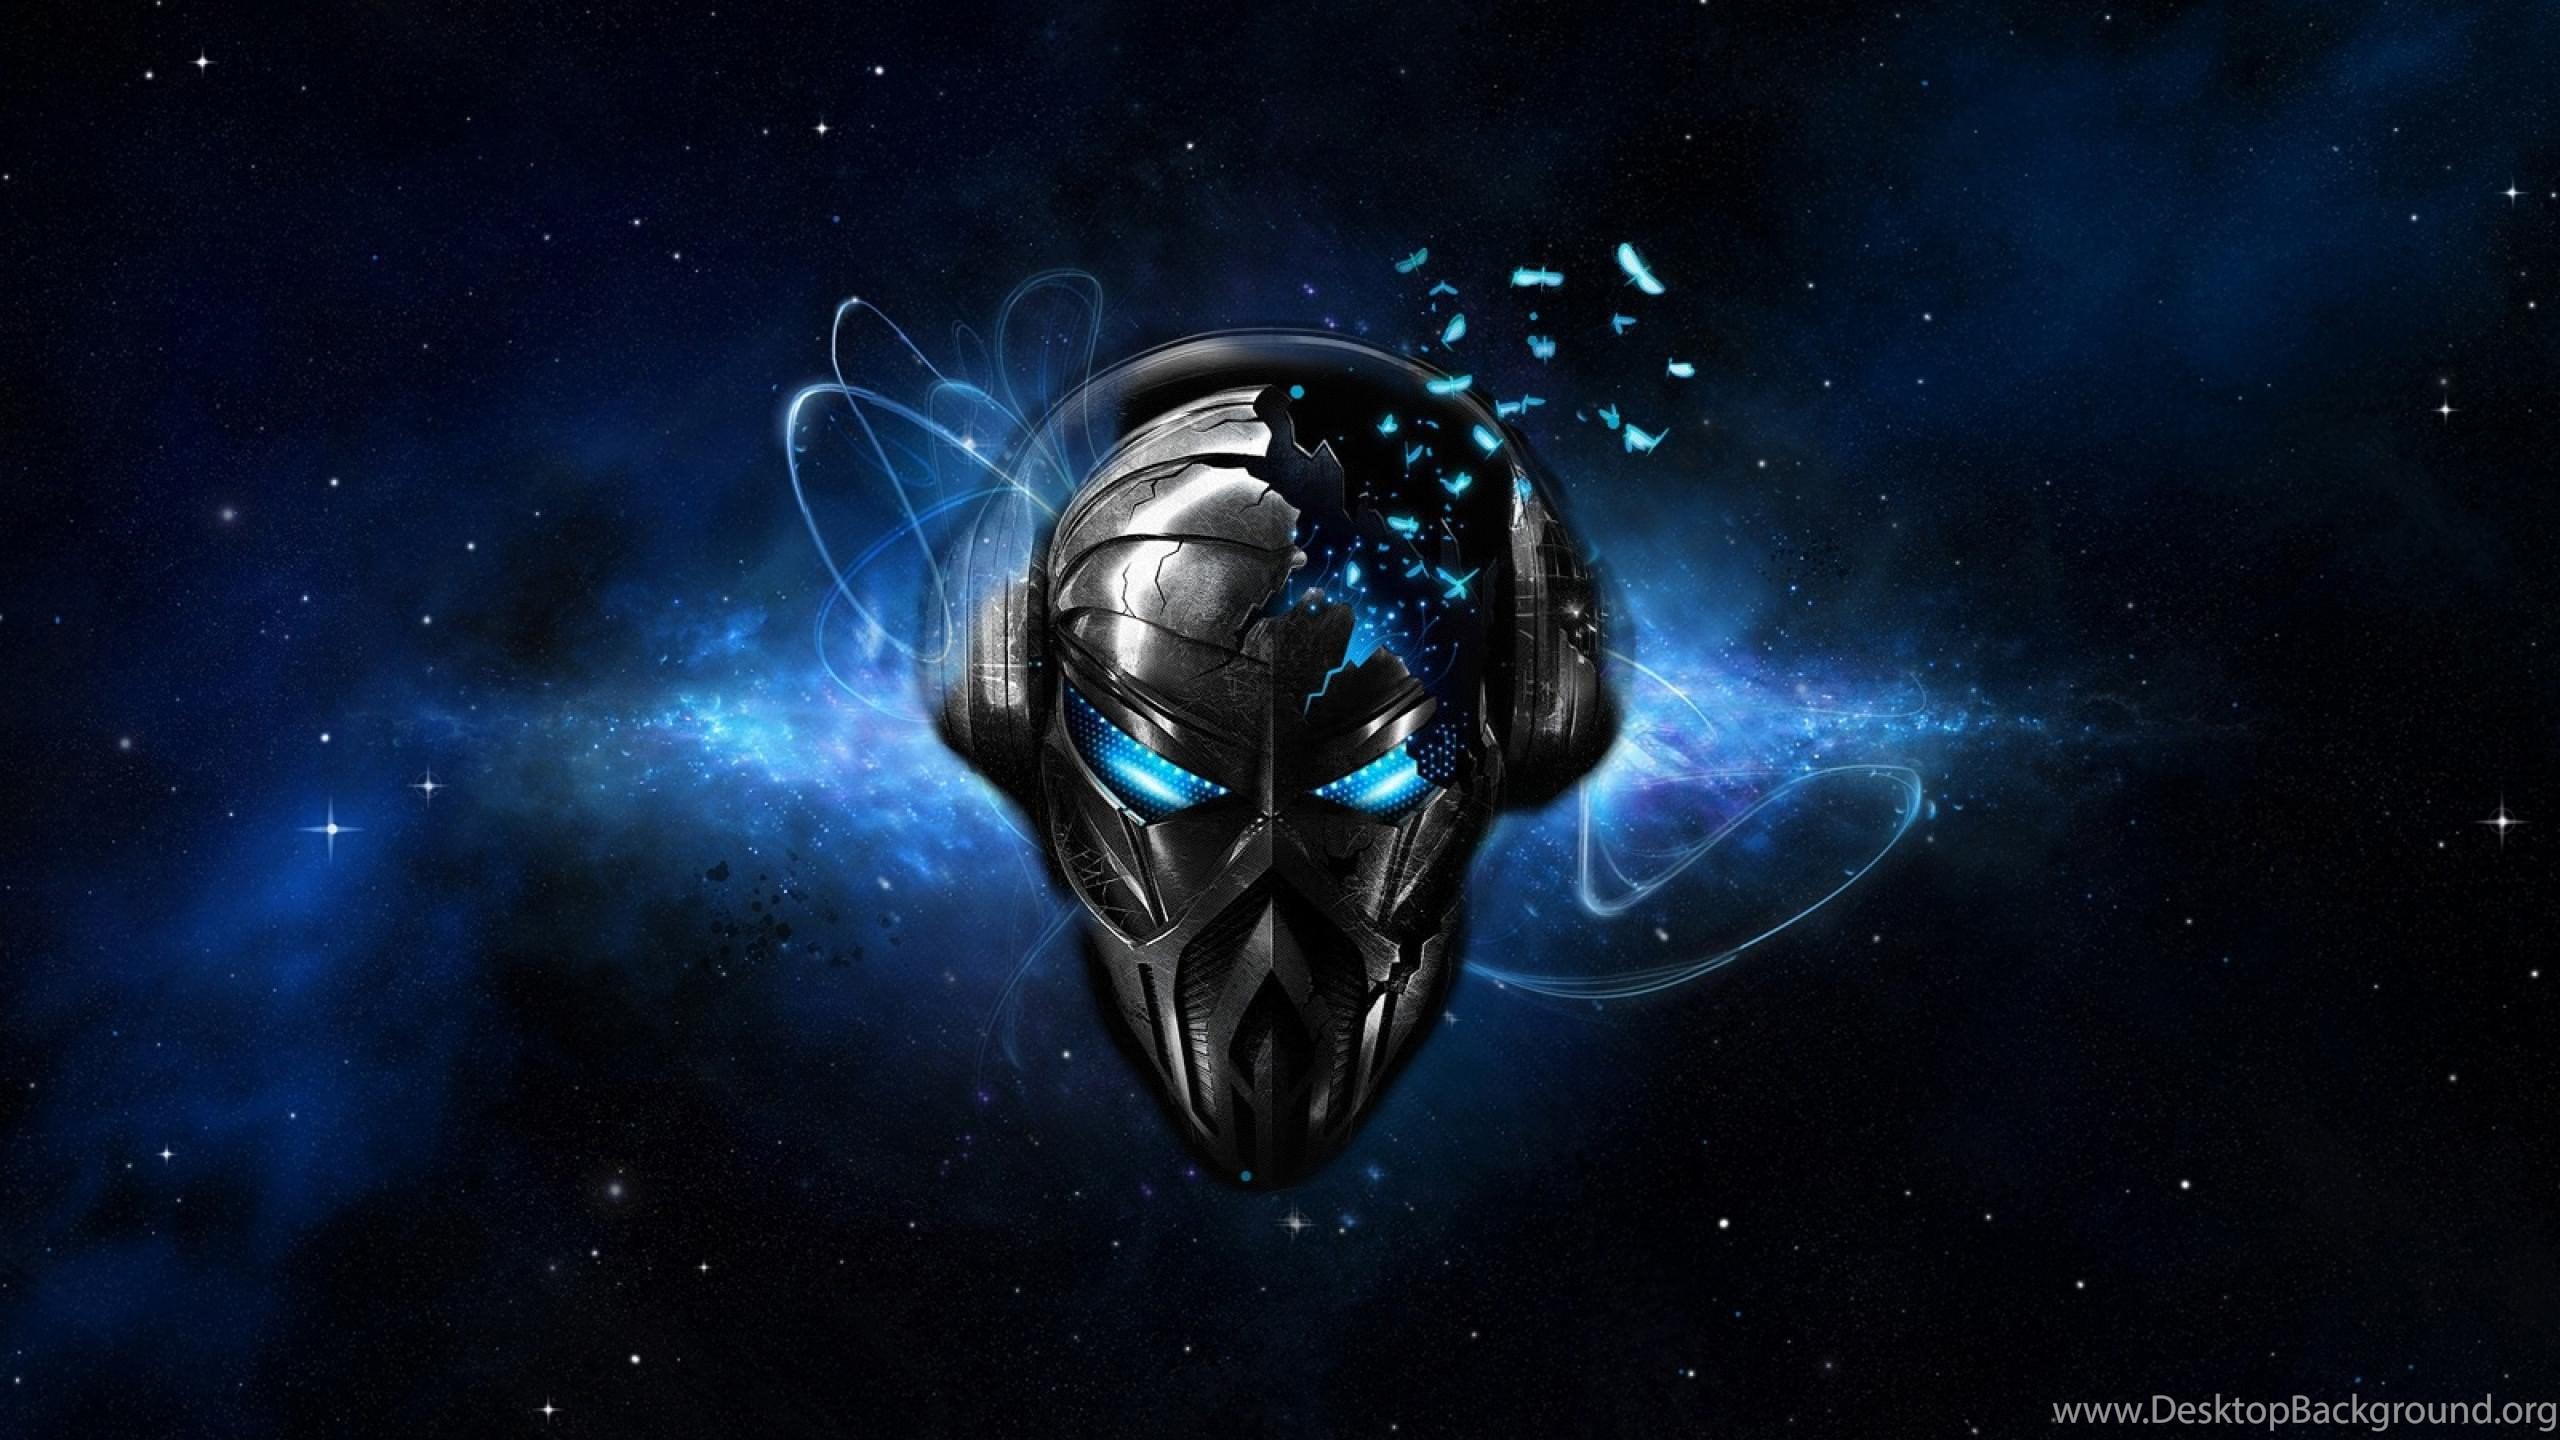 Aliens Listen Music With Headphones Wallpapers HD